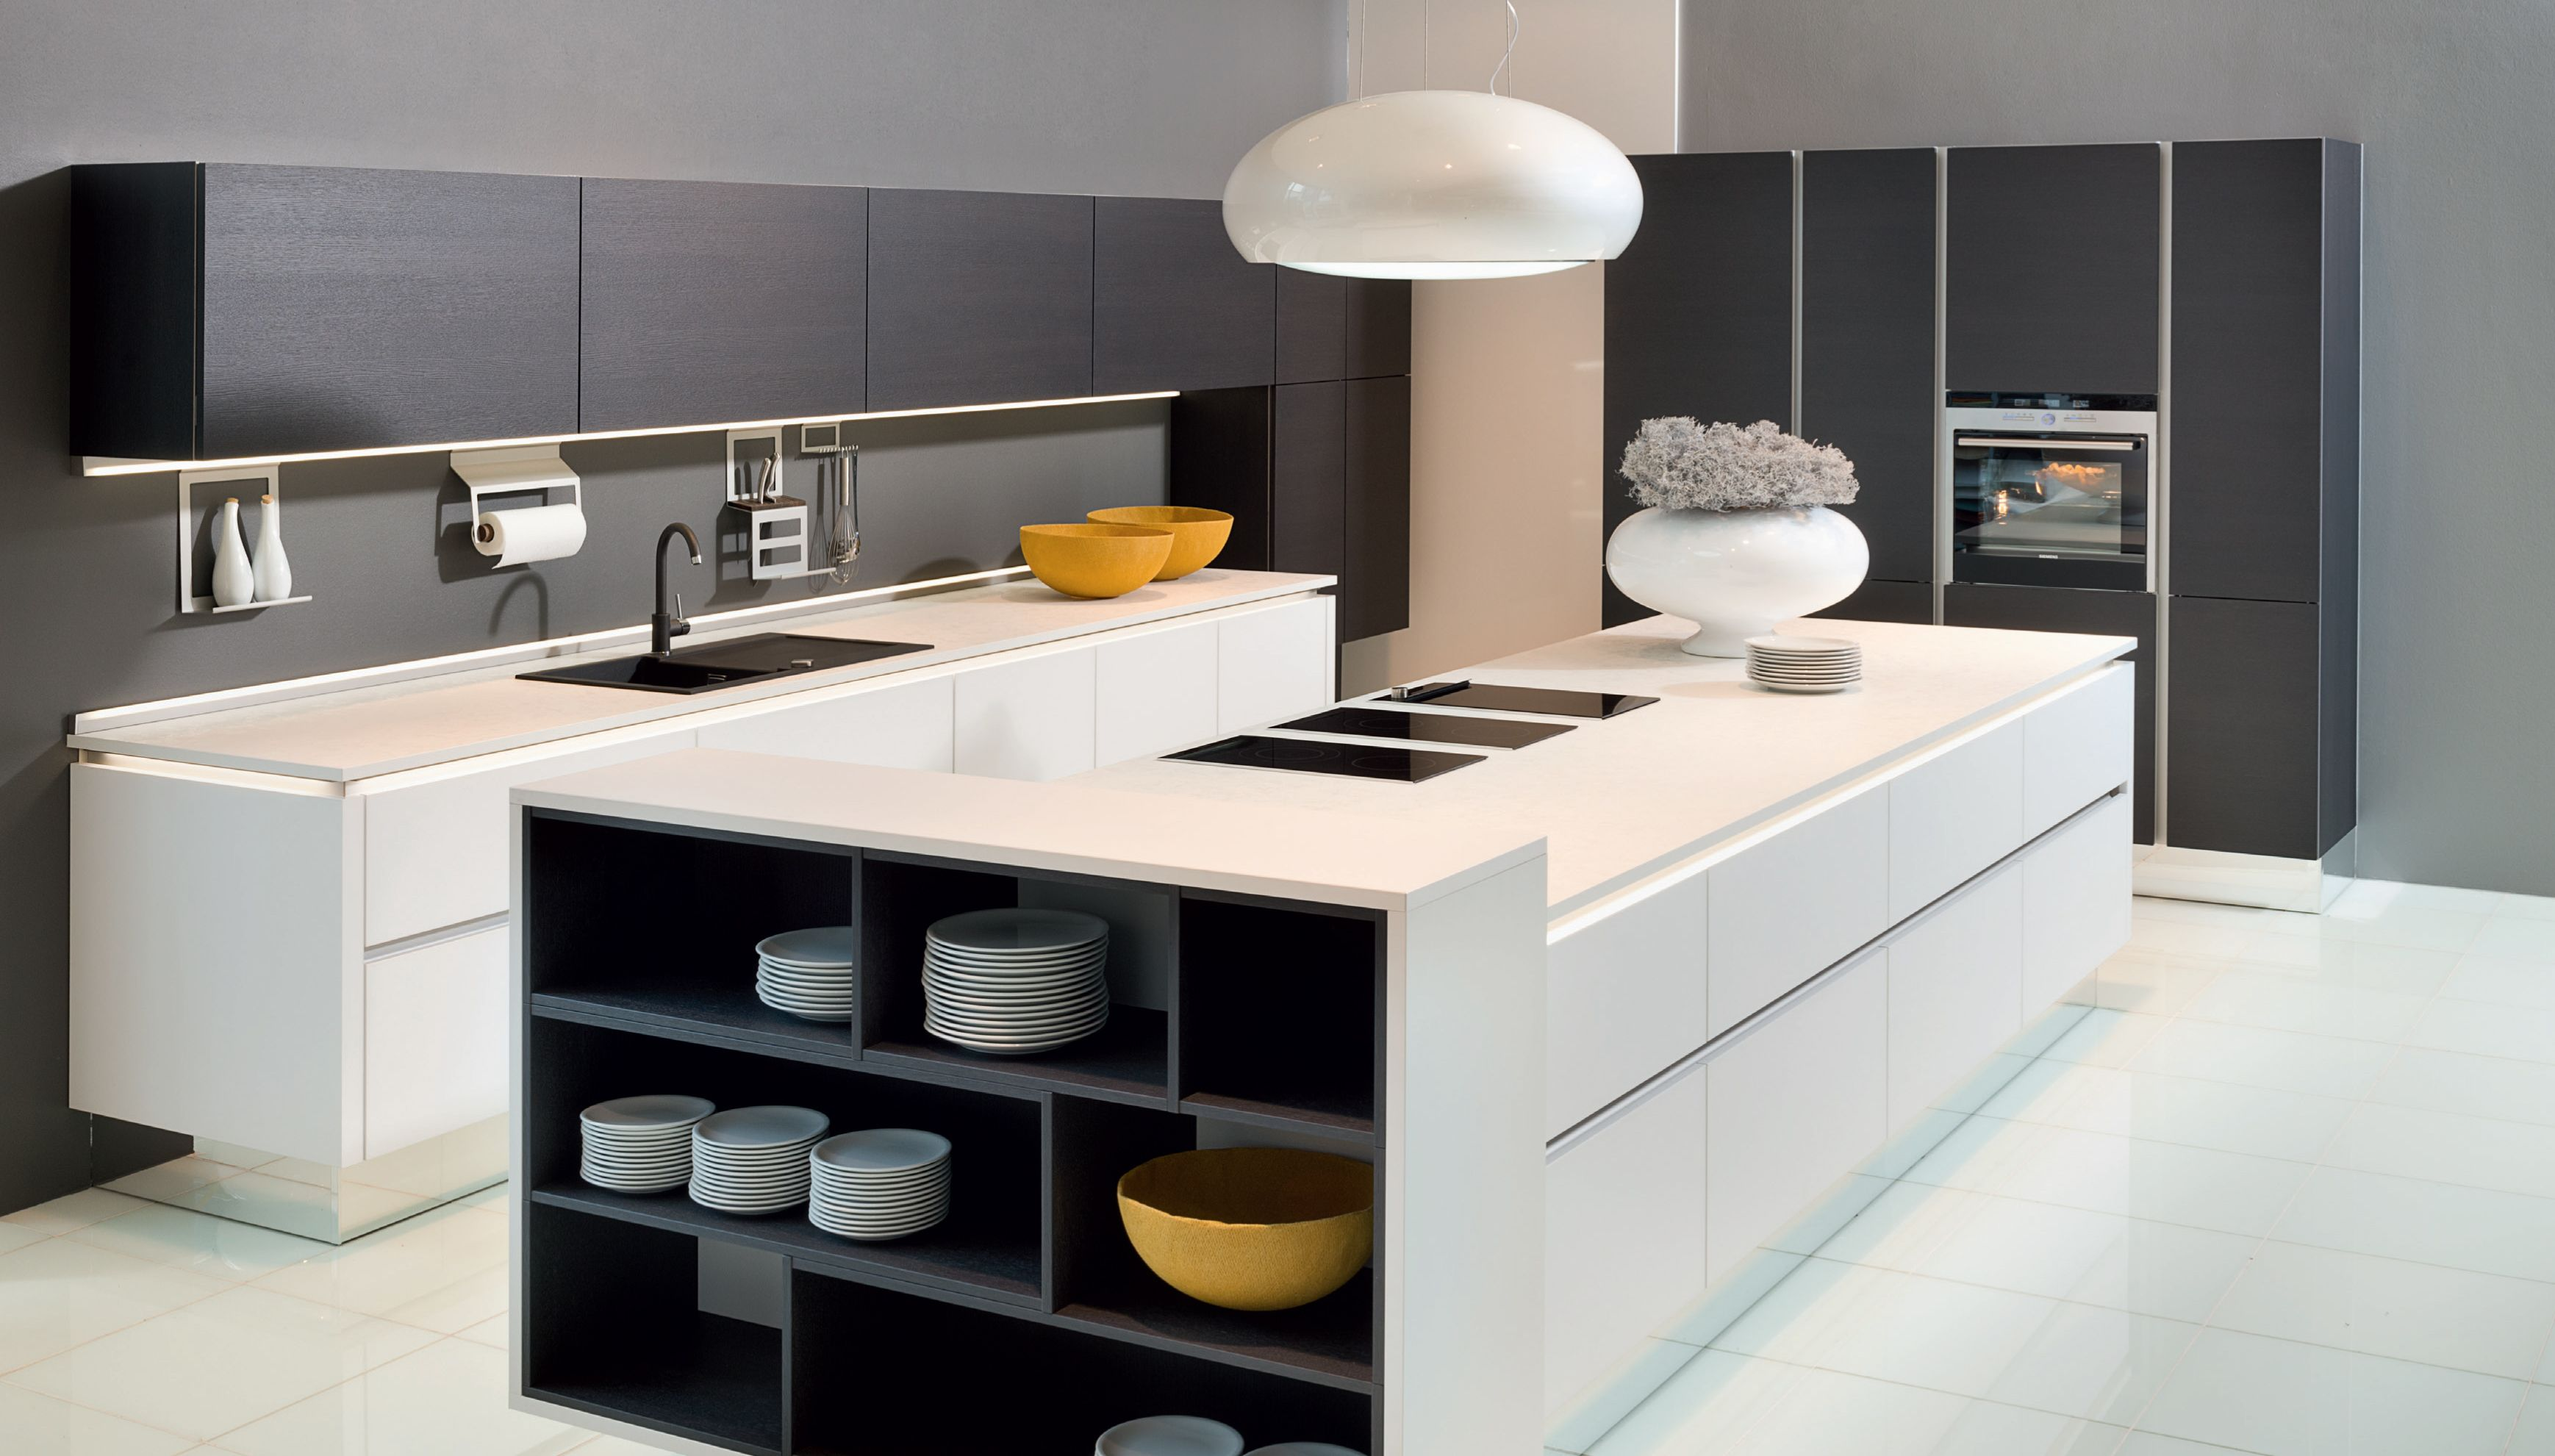 Tolle Dave S Kit Küchen Warners Bay Galerie - Küche Set Ideen ...